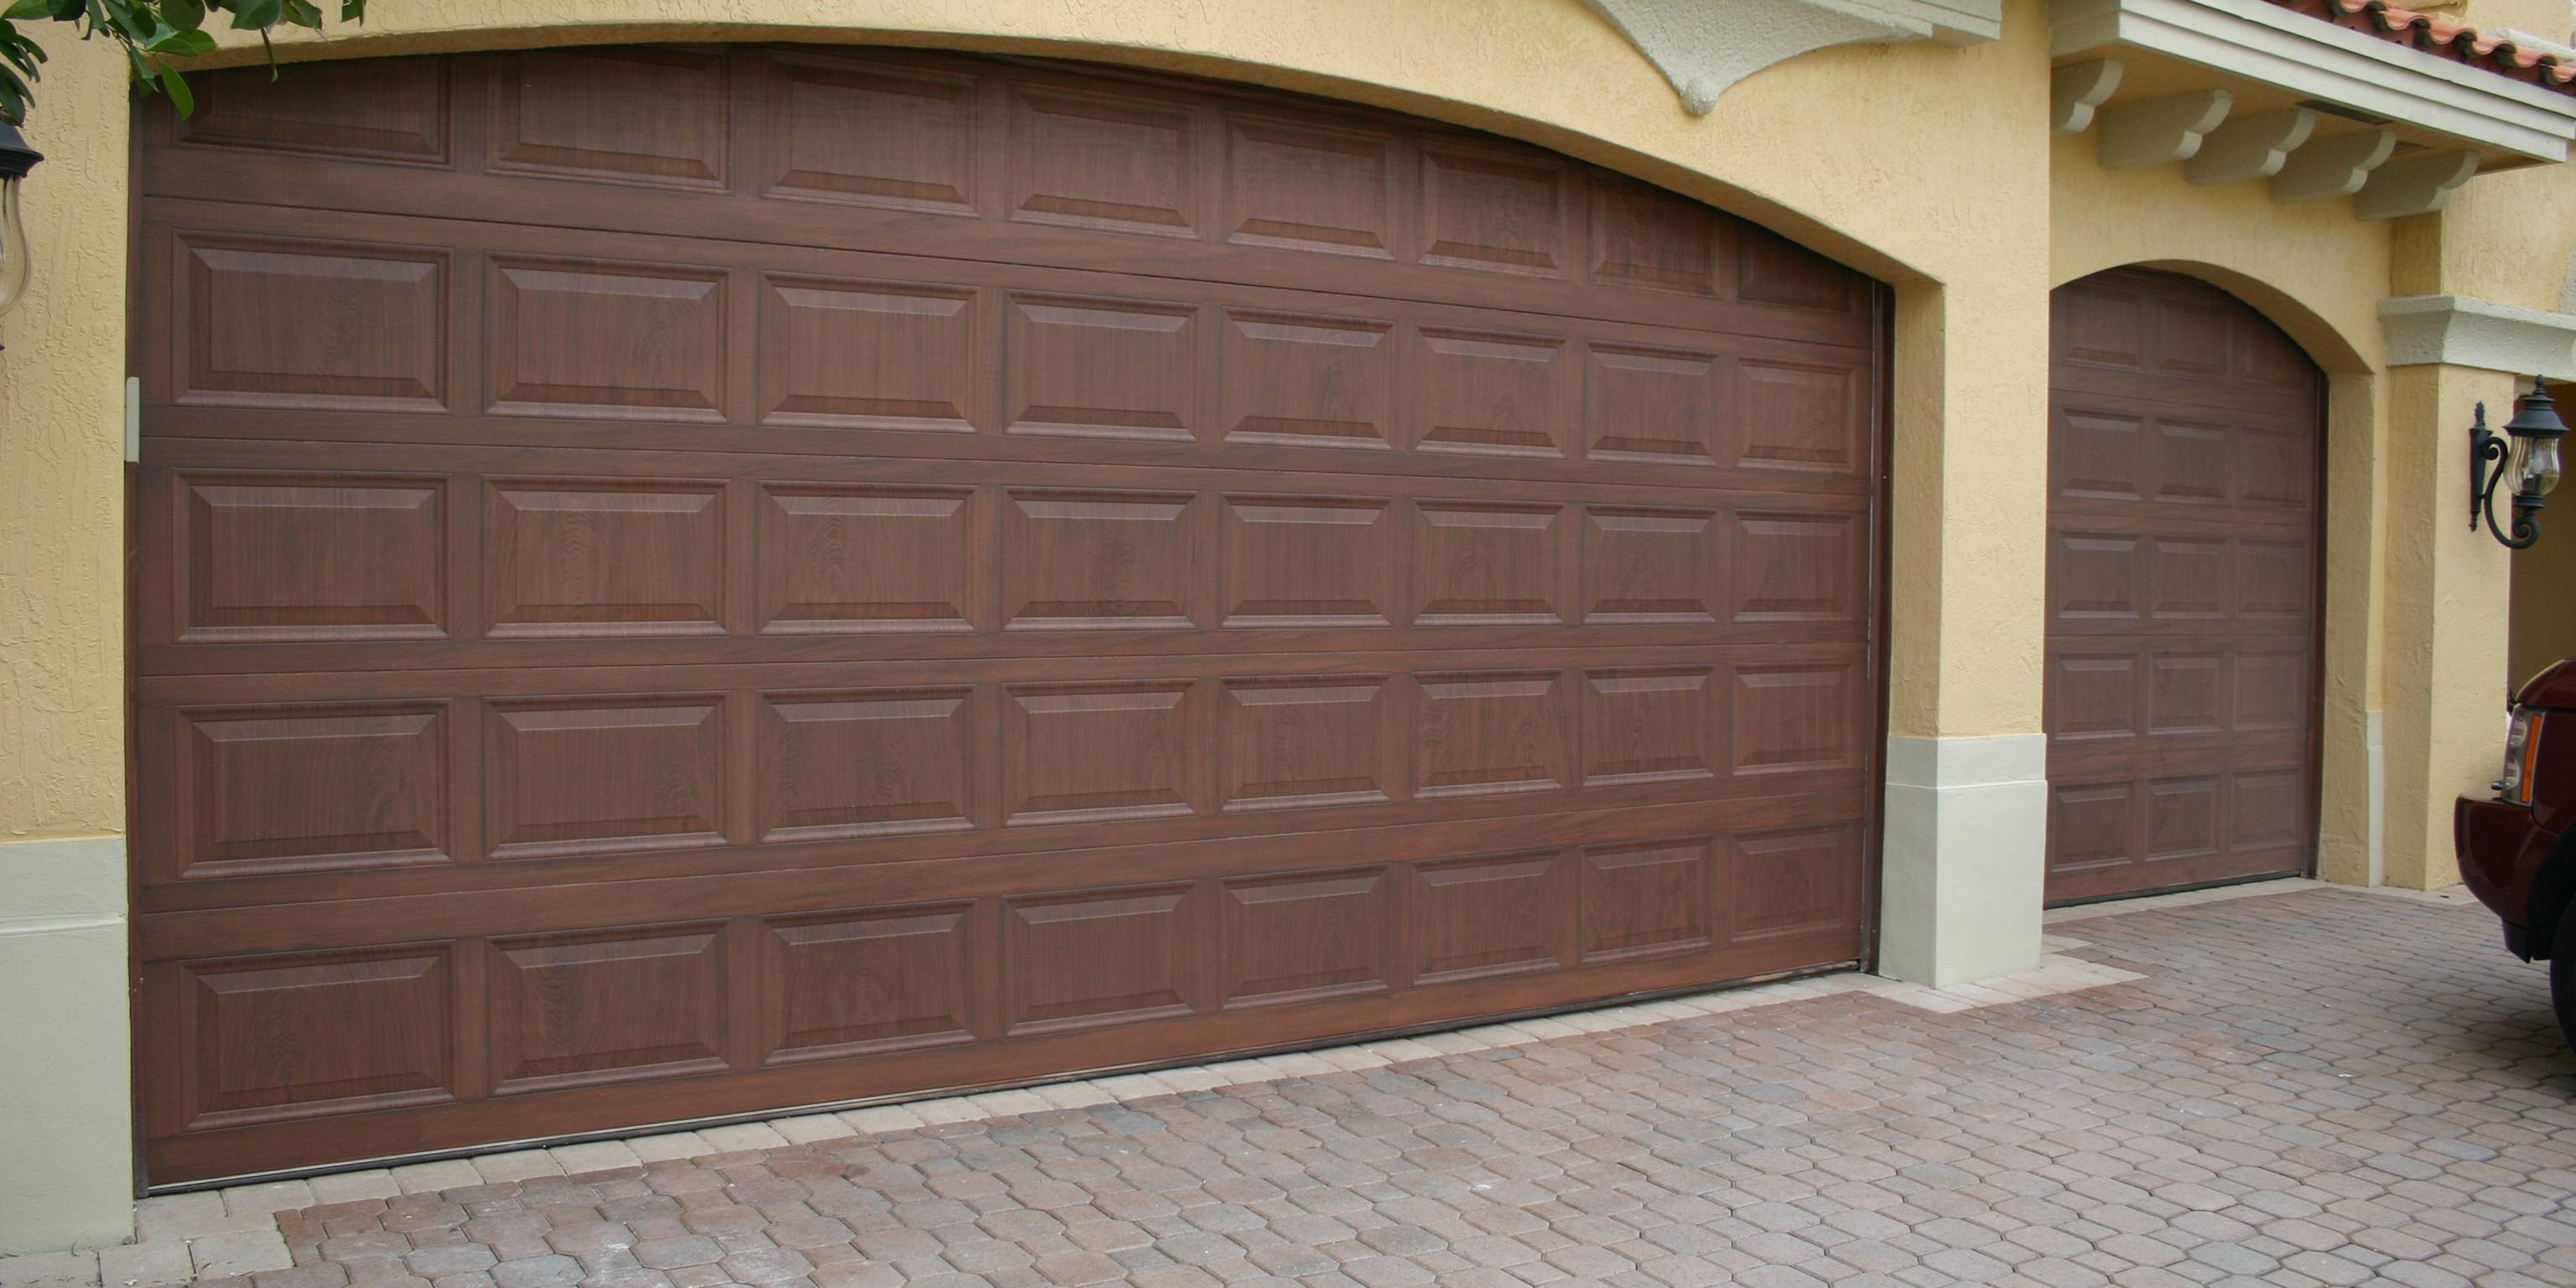 faux-wood-garage-doors-wooden-garage-doors